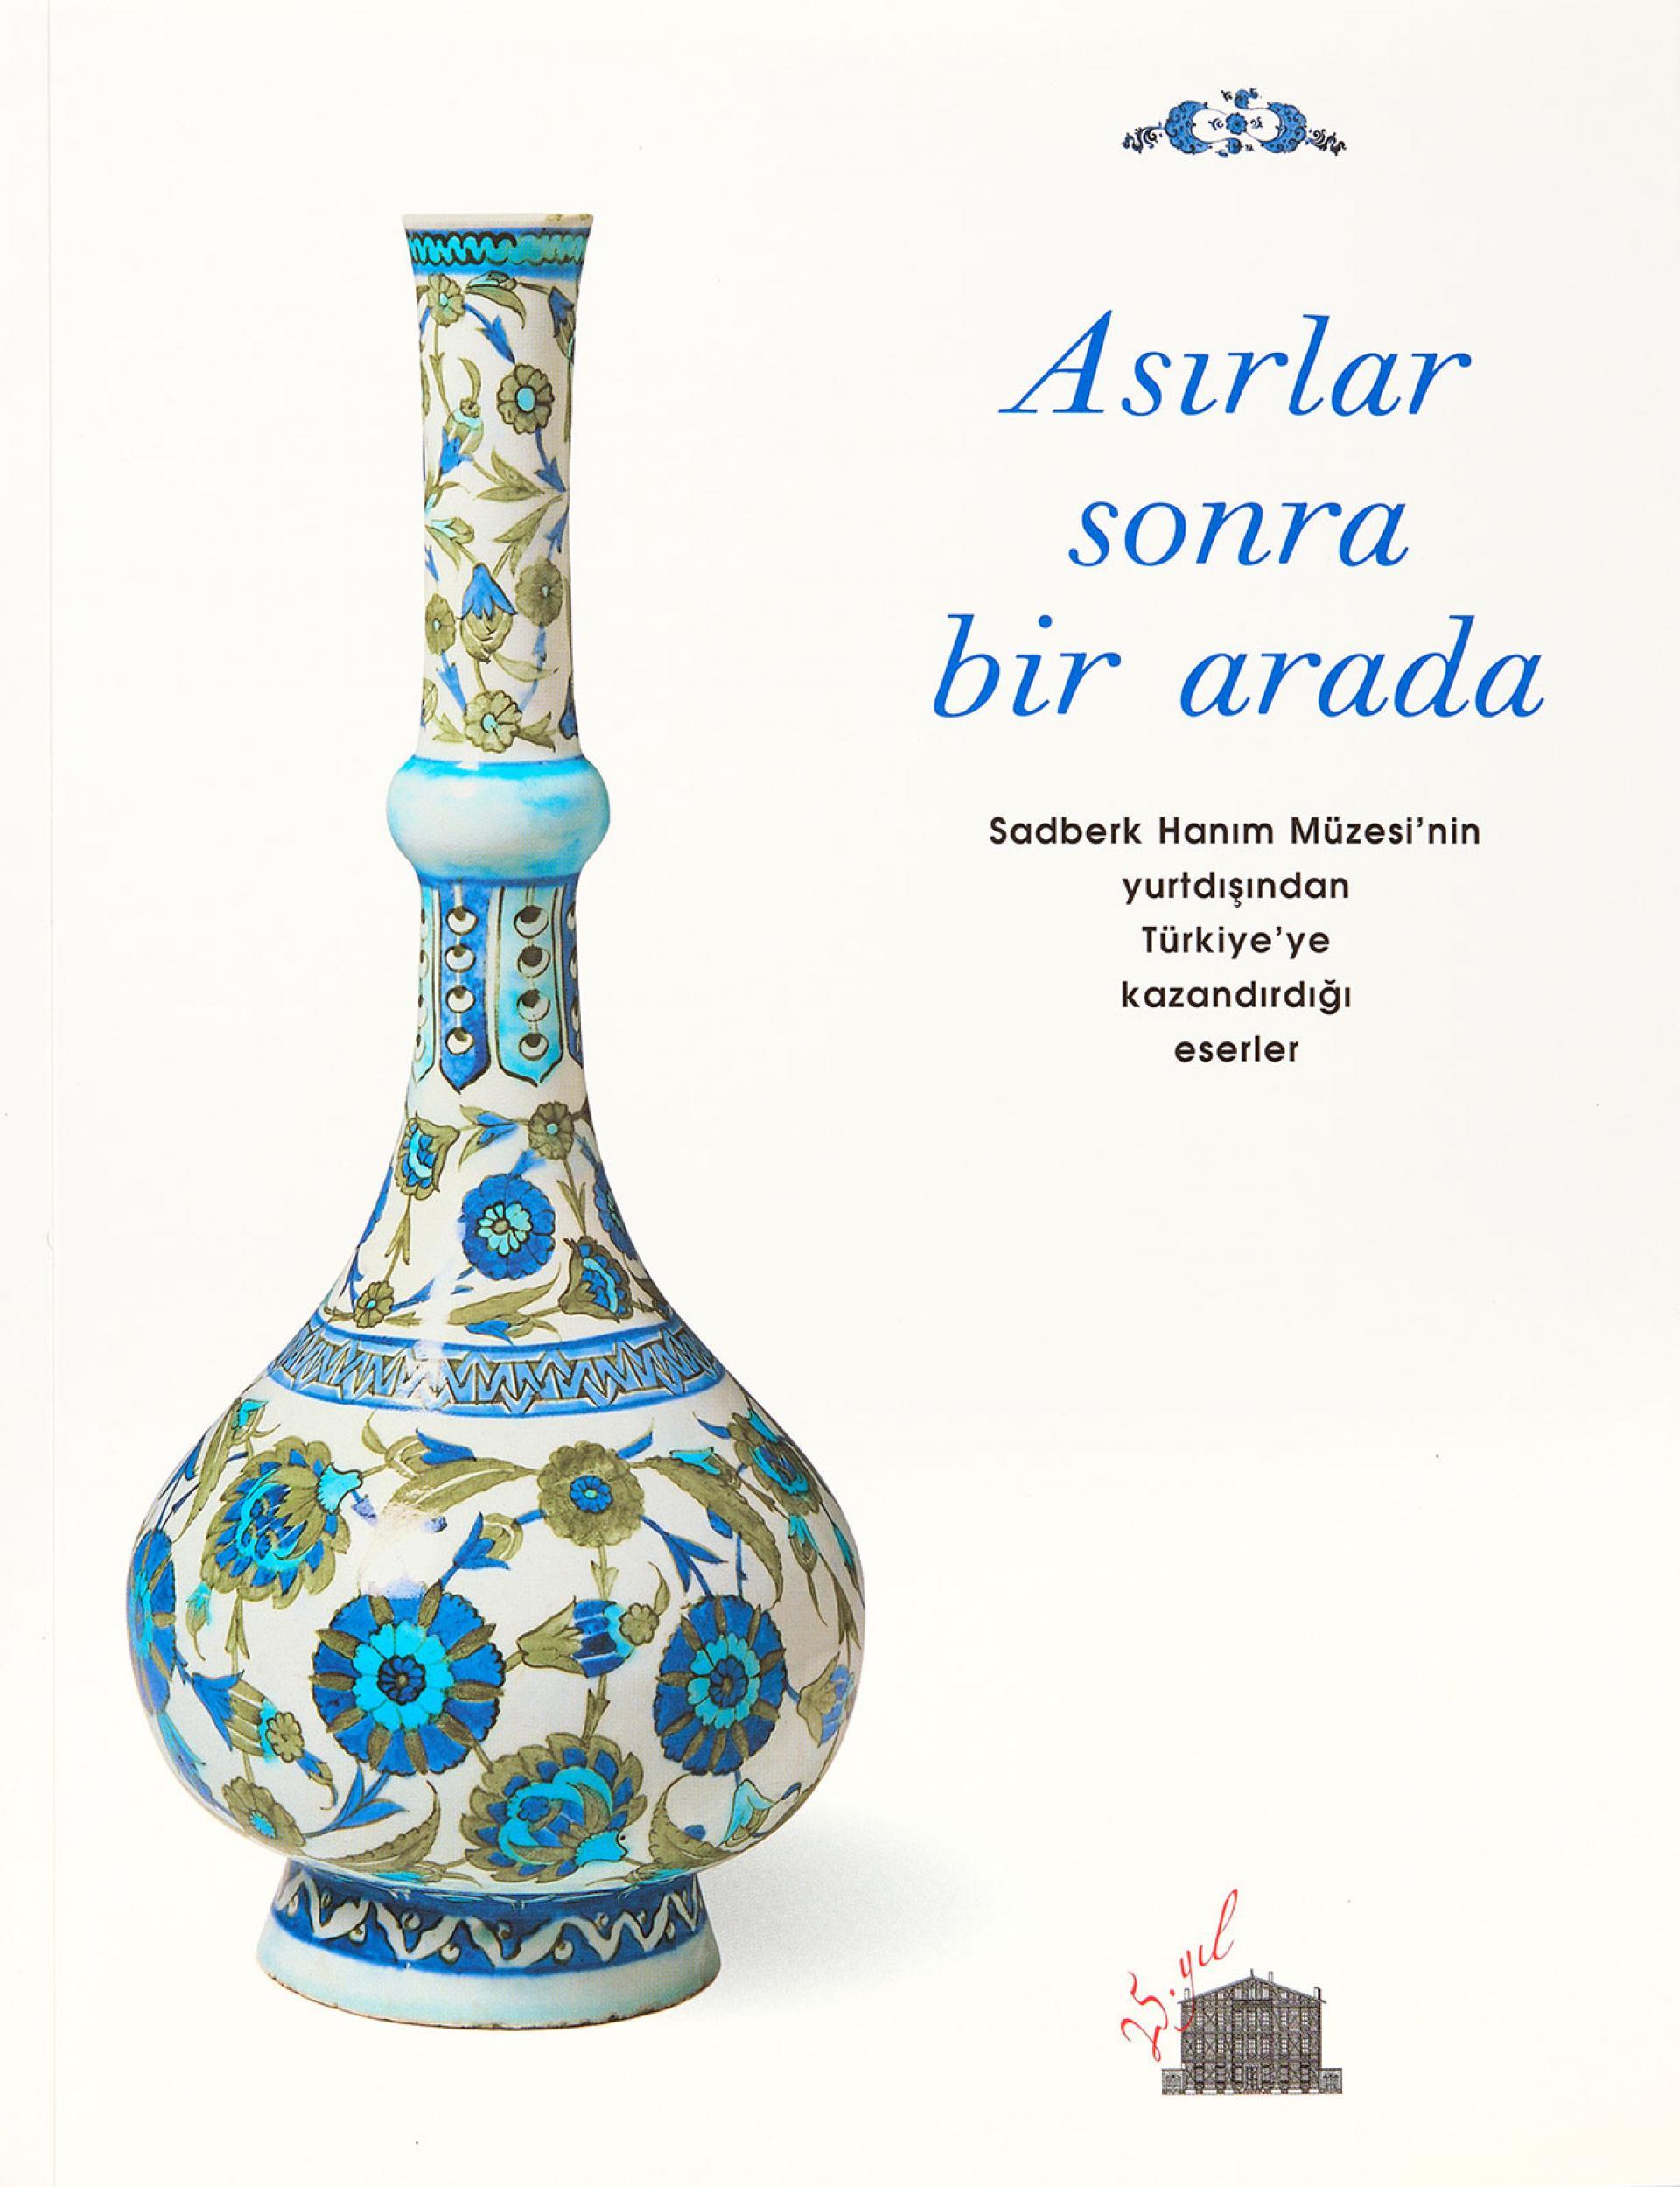 Asırlar sonra bir arada, Sadberk Hanım Müzesi'nin yurtdışından Türkiye'ye kazandırdığı eserler - Sadberk Hanım Müzesi